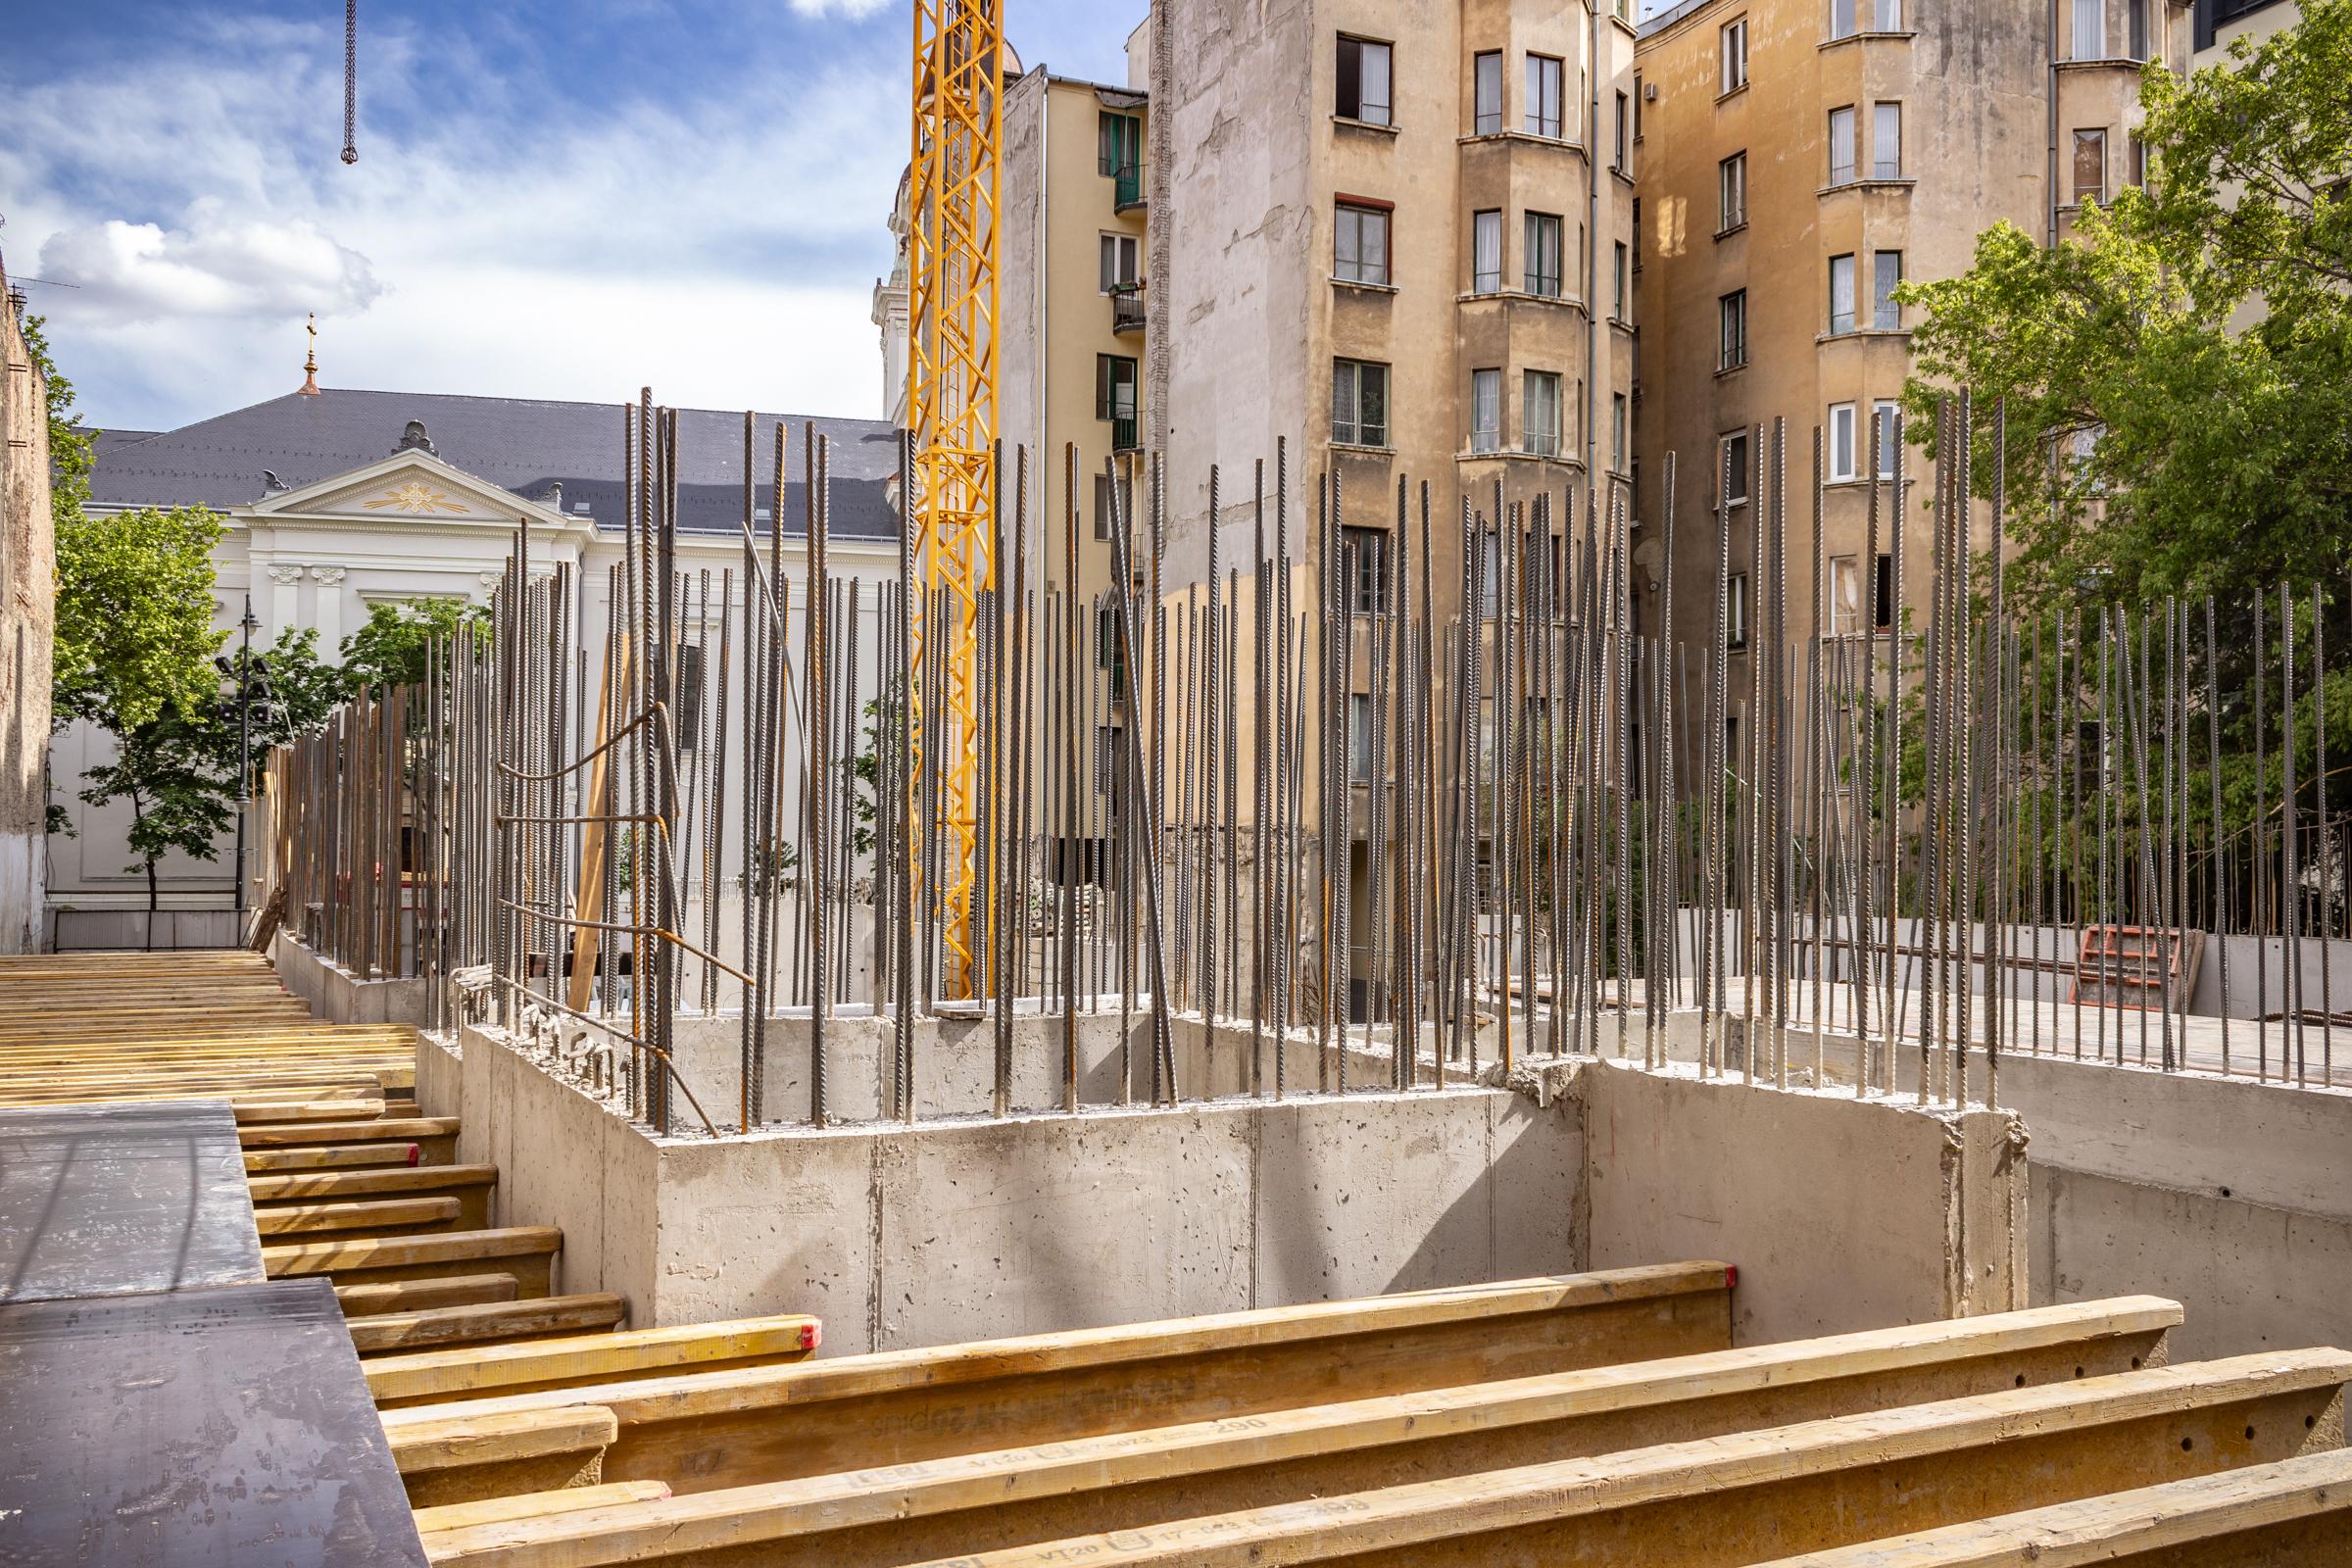 Marone House építkezés 2020 június